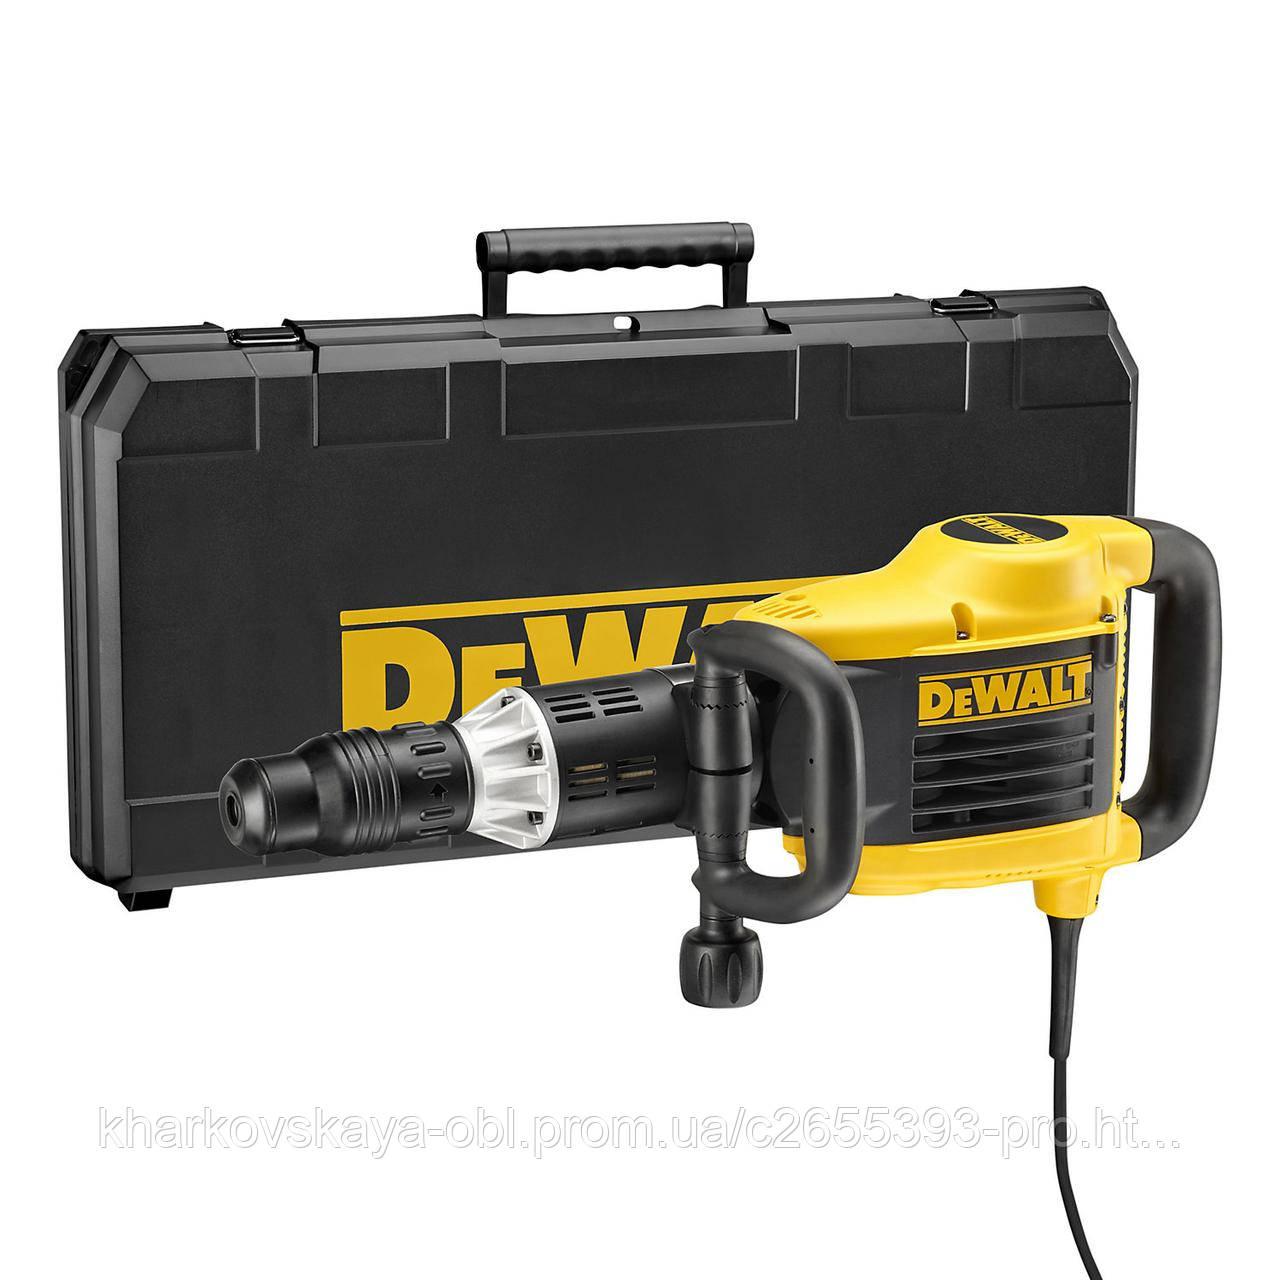 Отбойный молоток DeWalt SDS MAX привезен из Англии